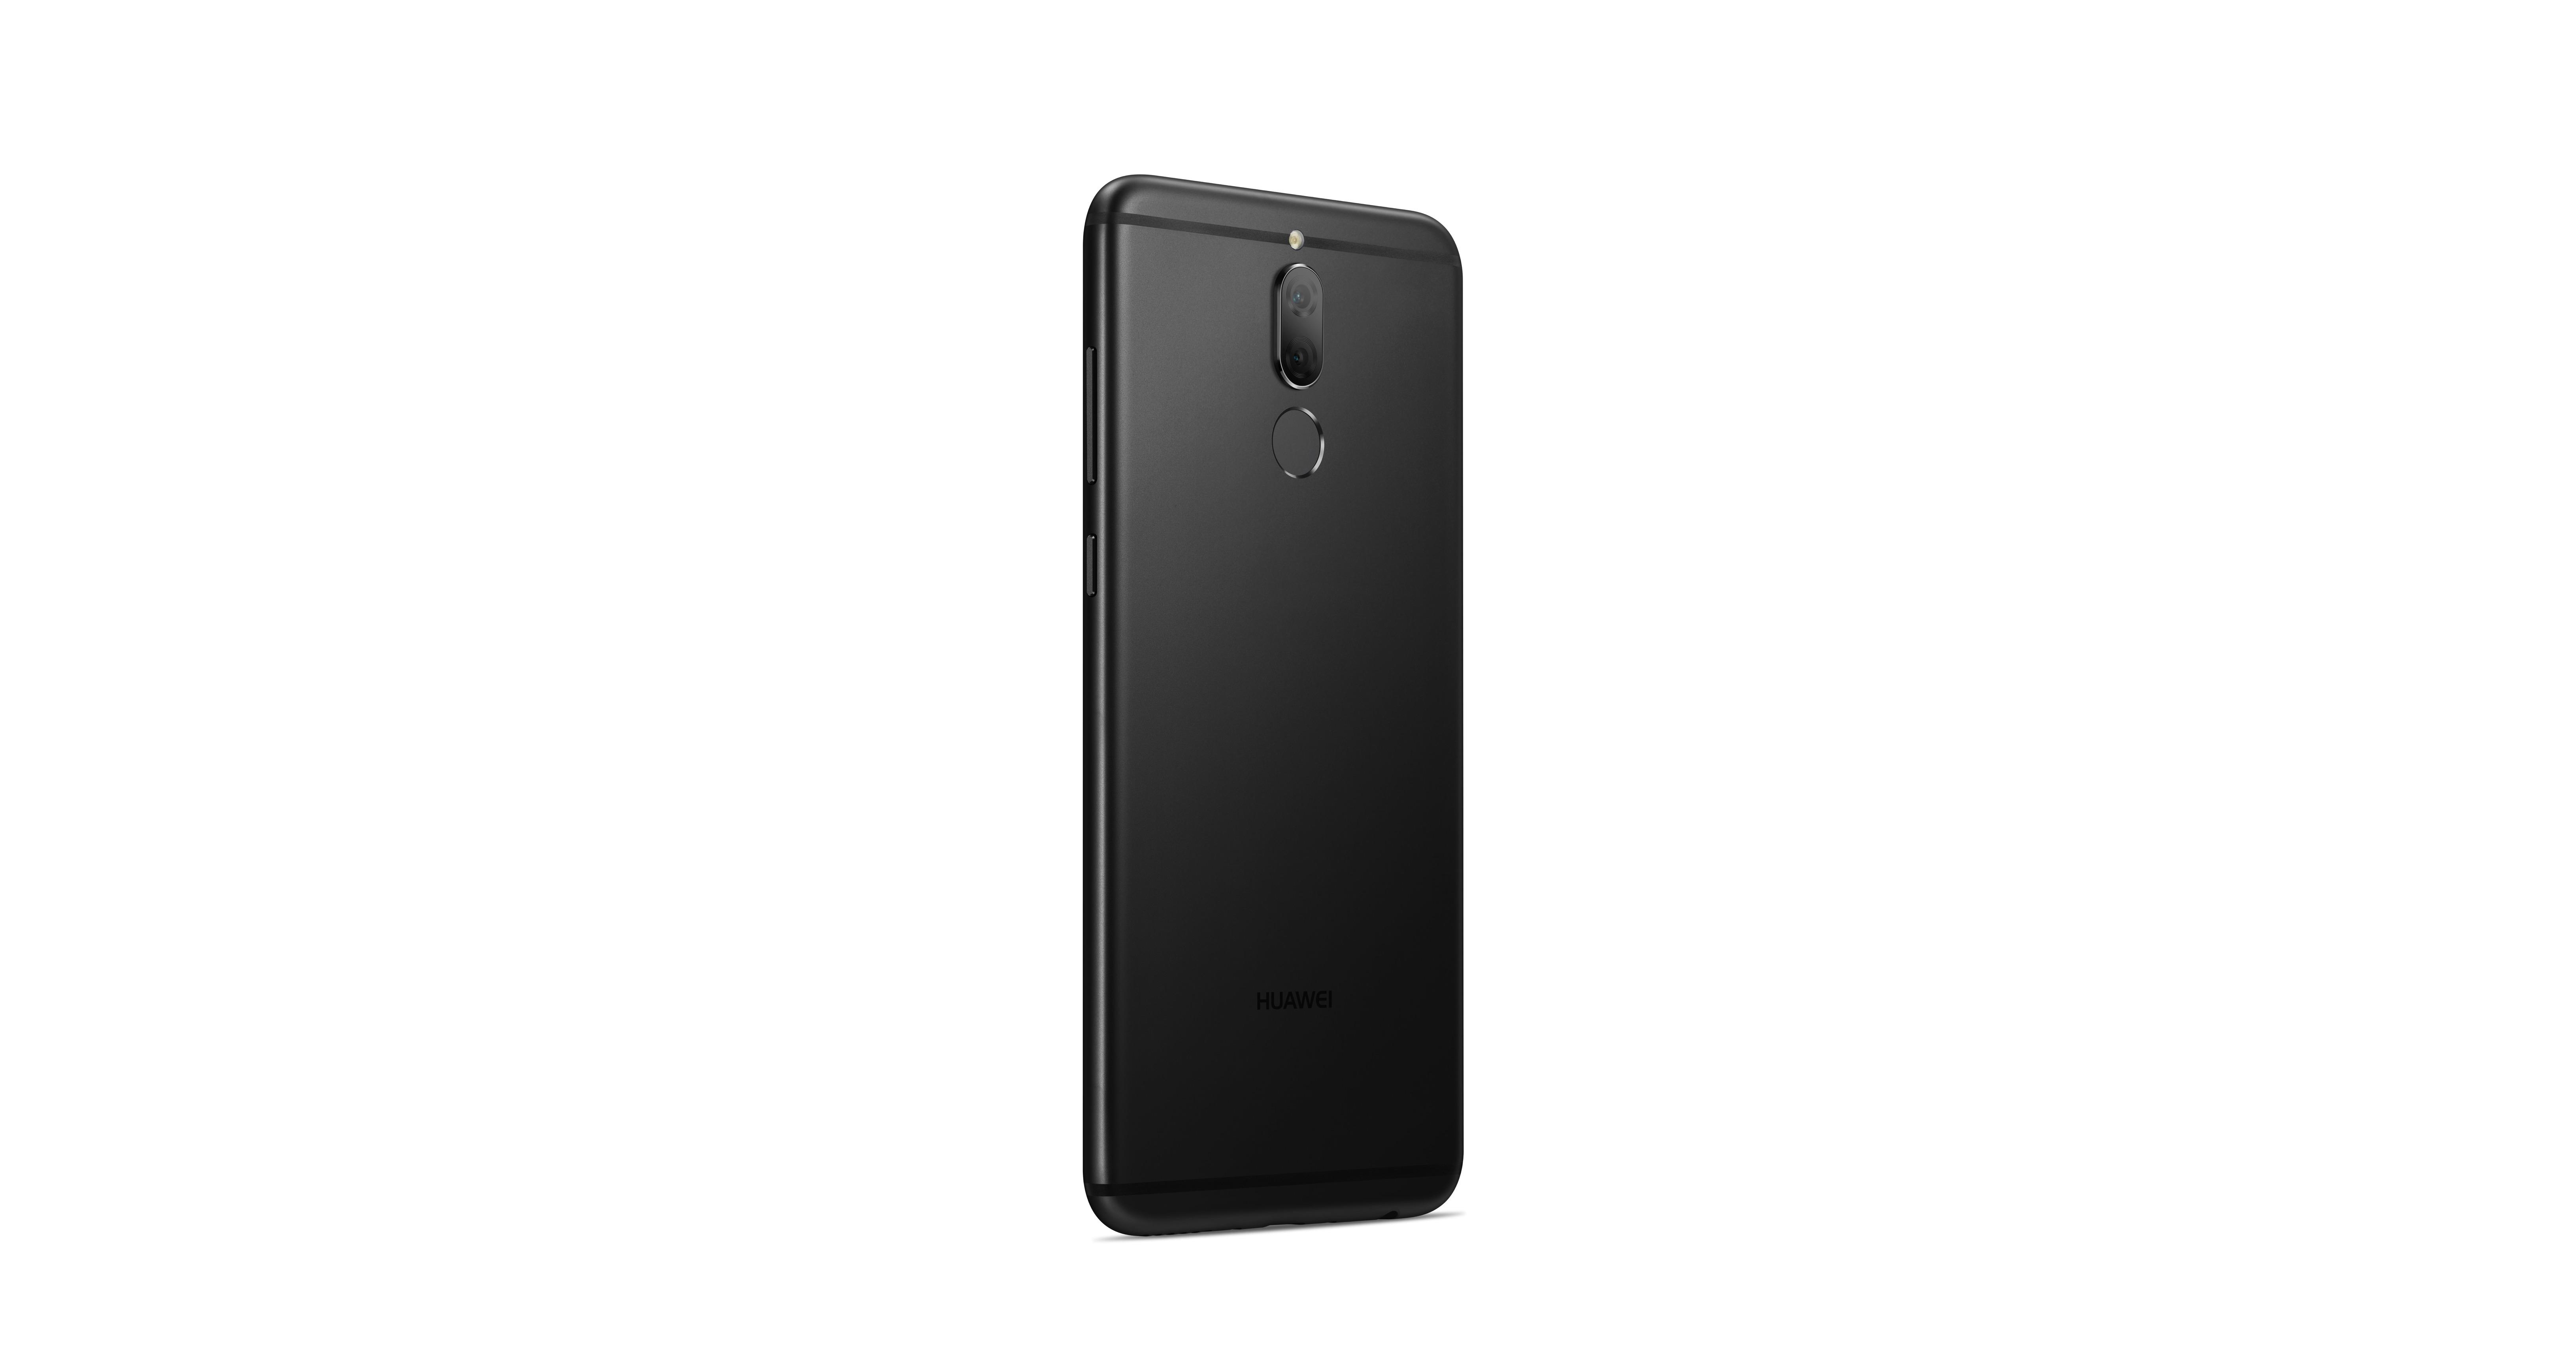 Huawei-Nova-2i-Launch-Event-SpecPhone-00021